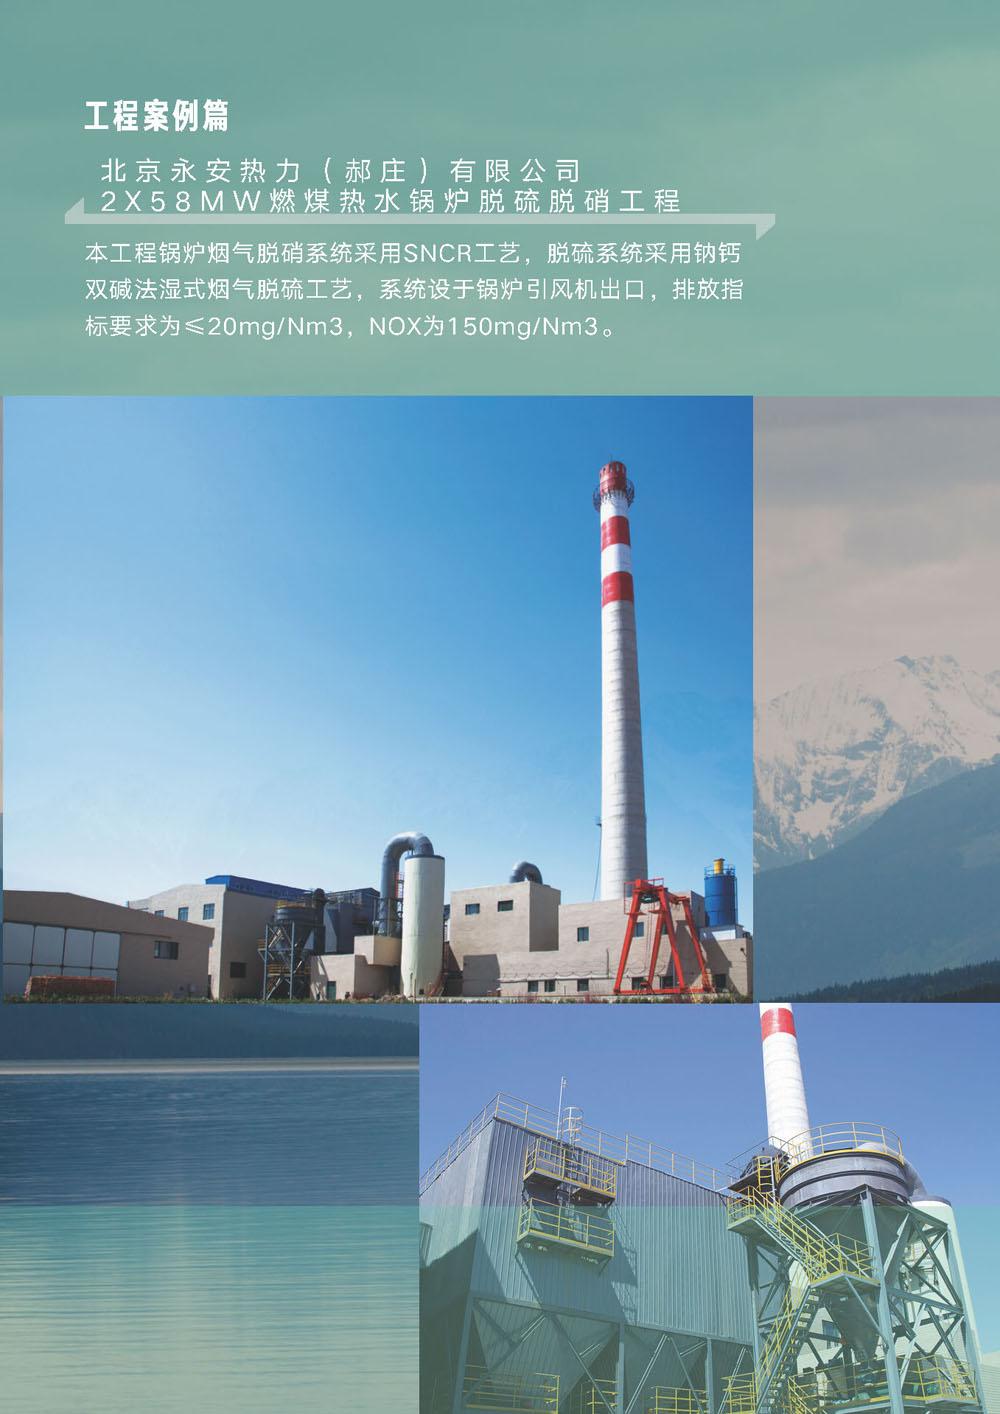 北京永安热力(郝庄)有限公司 燃煤热水锅炉脱硫脱硝工程